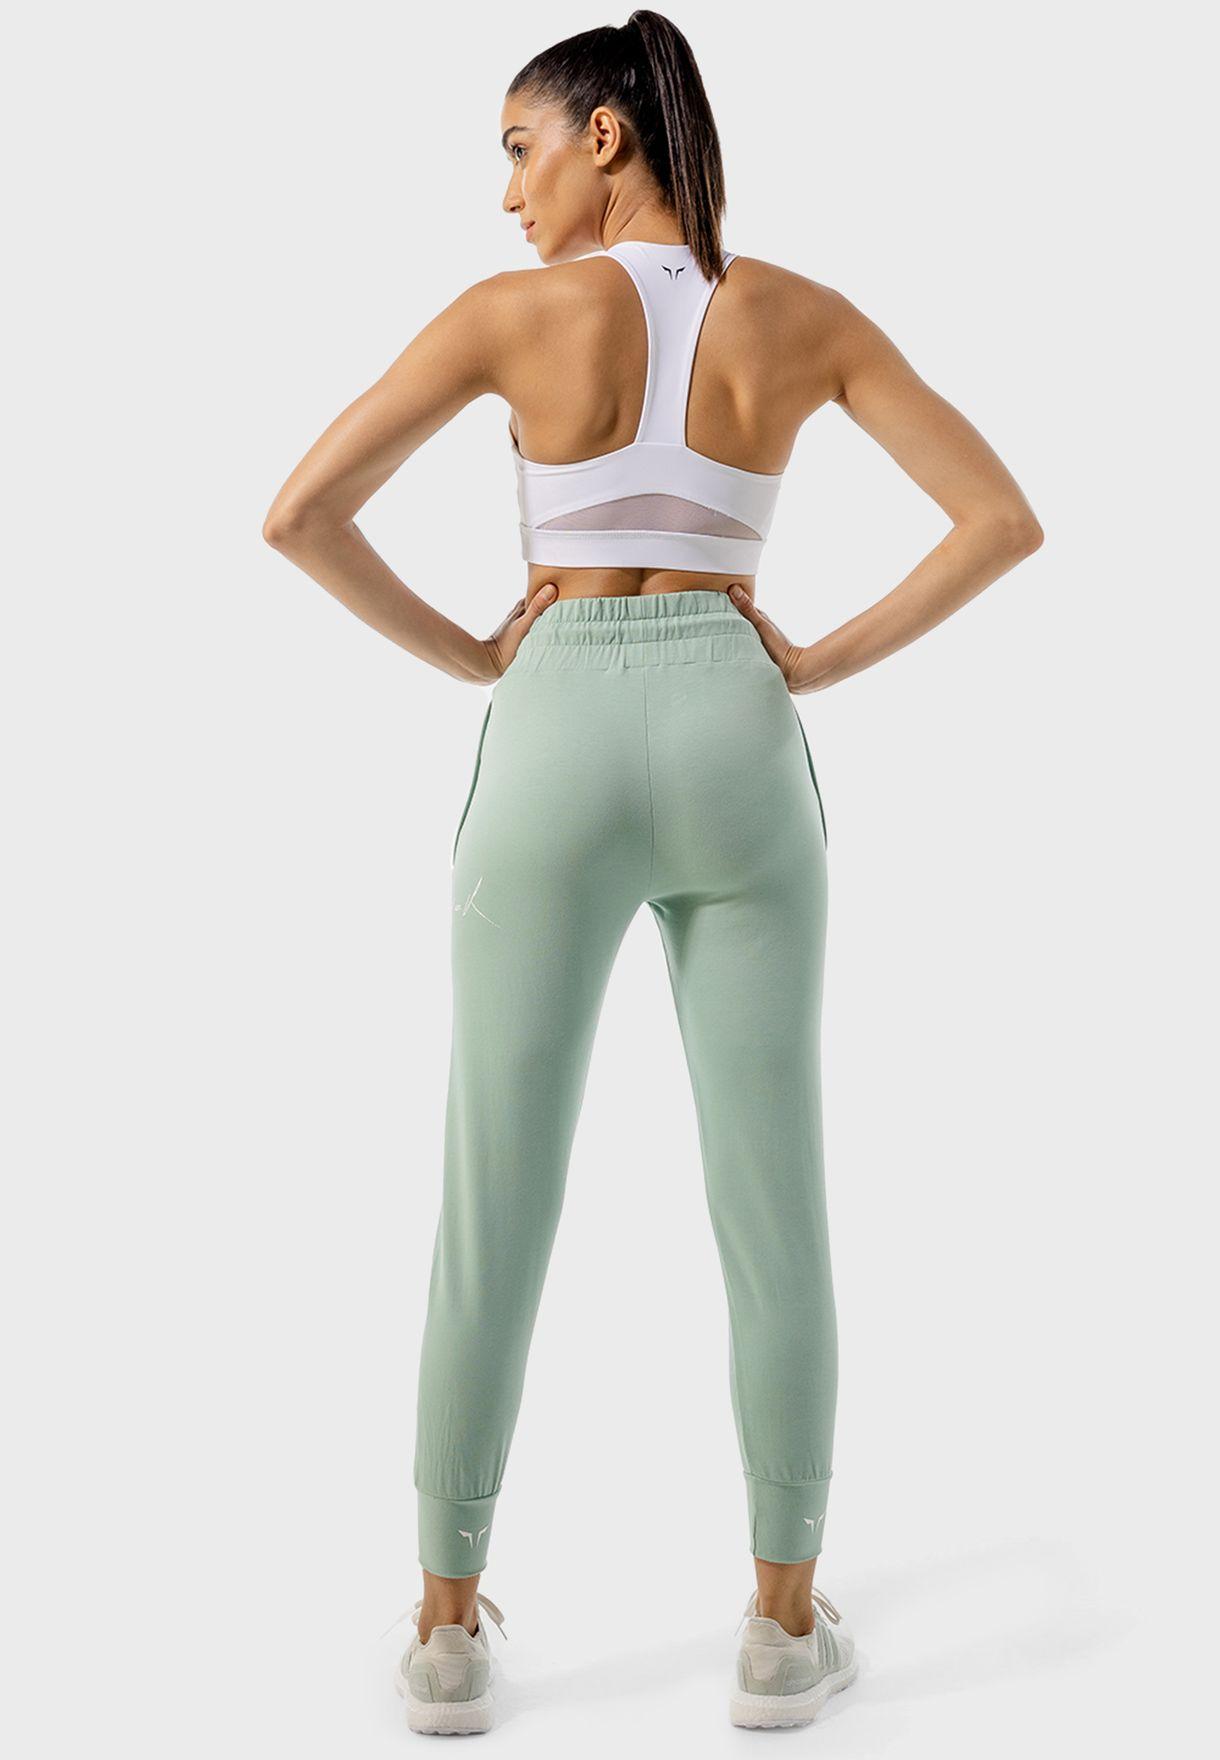 Vibe Sweatpants